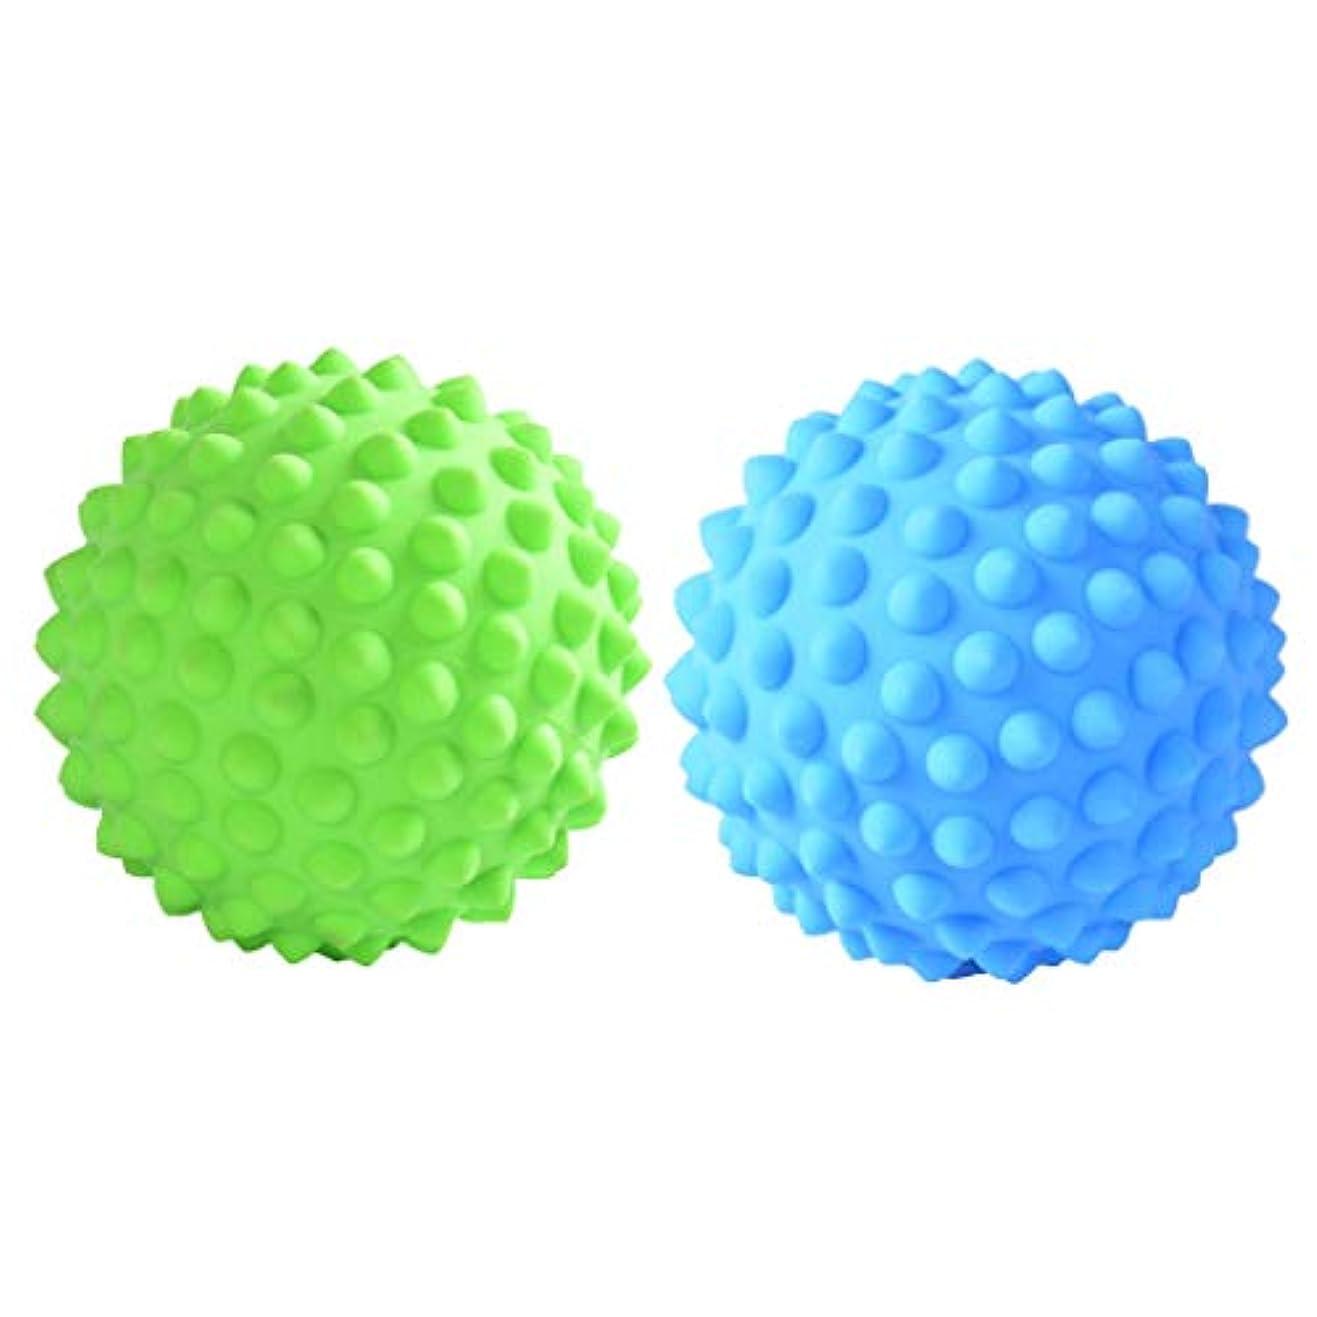 価値予防接種する周術期マッサージローラーボール 指圧ボール PVC トリガーポイント 筋膜 疲労軽減 健康的 2個入